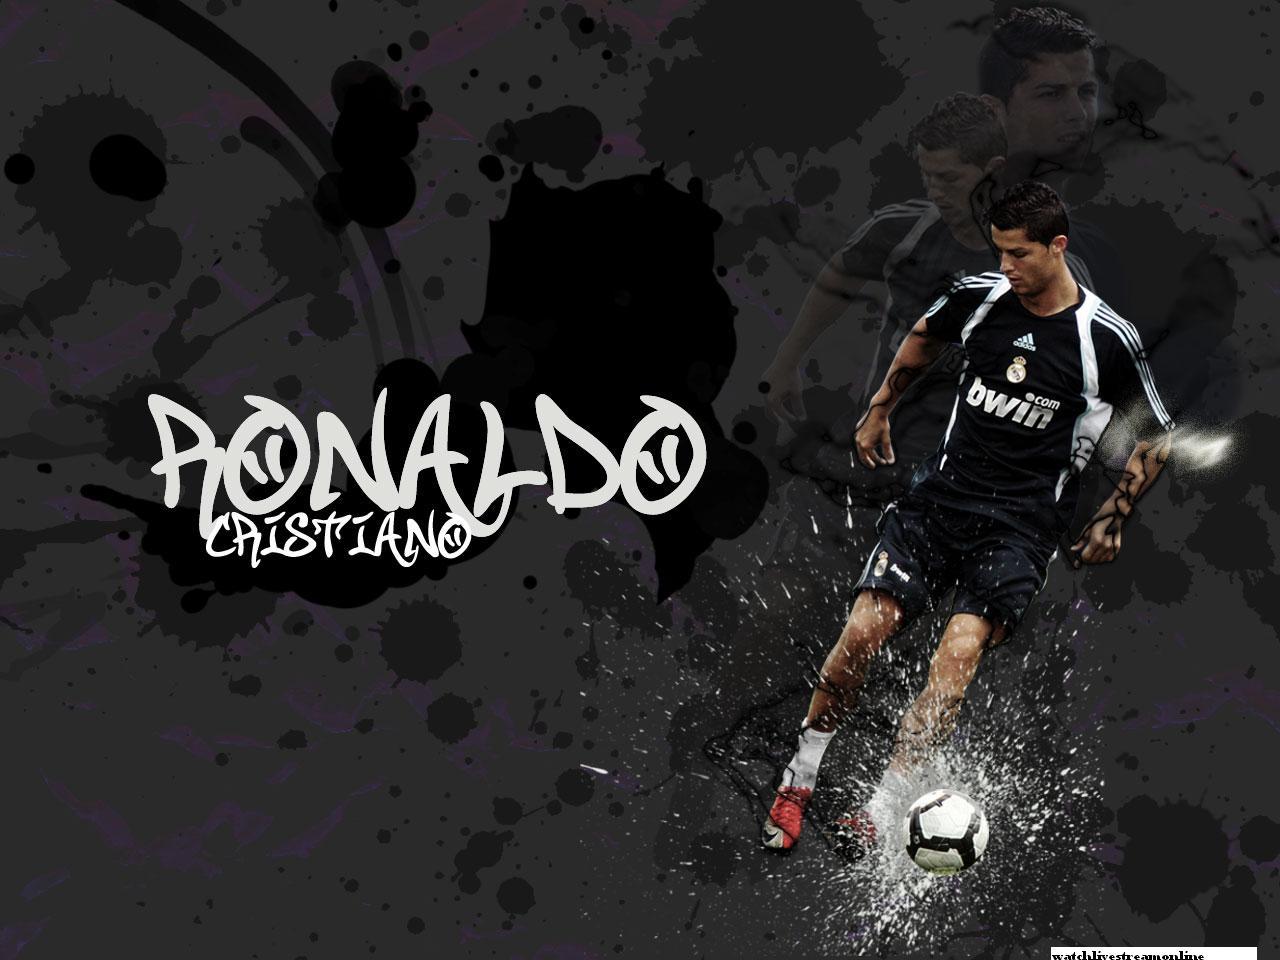 http://4.bp.blogspot.com/-iacrRGm7ISo/UDslUzGT_EI/AAAAAAAAAmg/HNkktcJsiic/s1600/Cristiano-Ronaldo.jpg